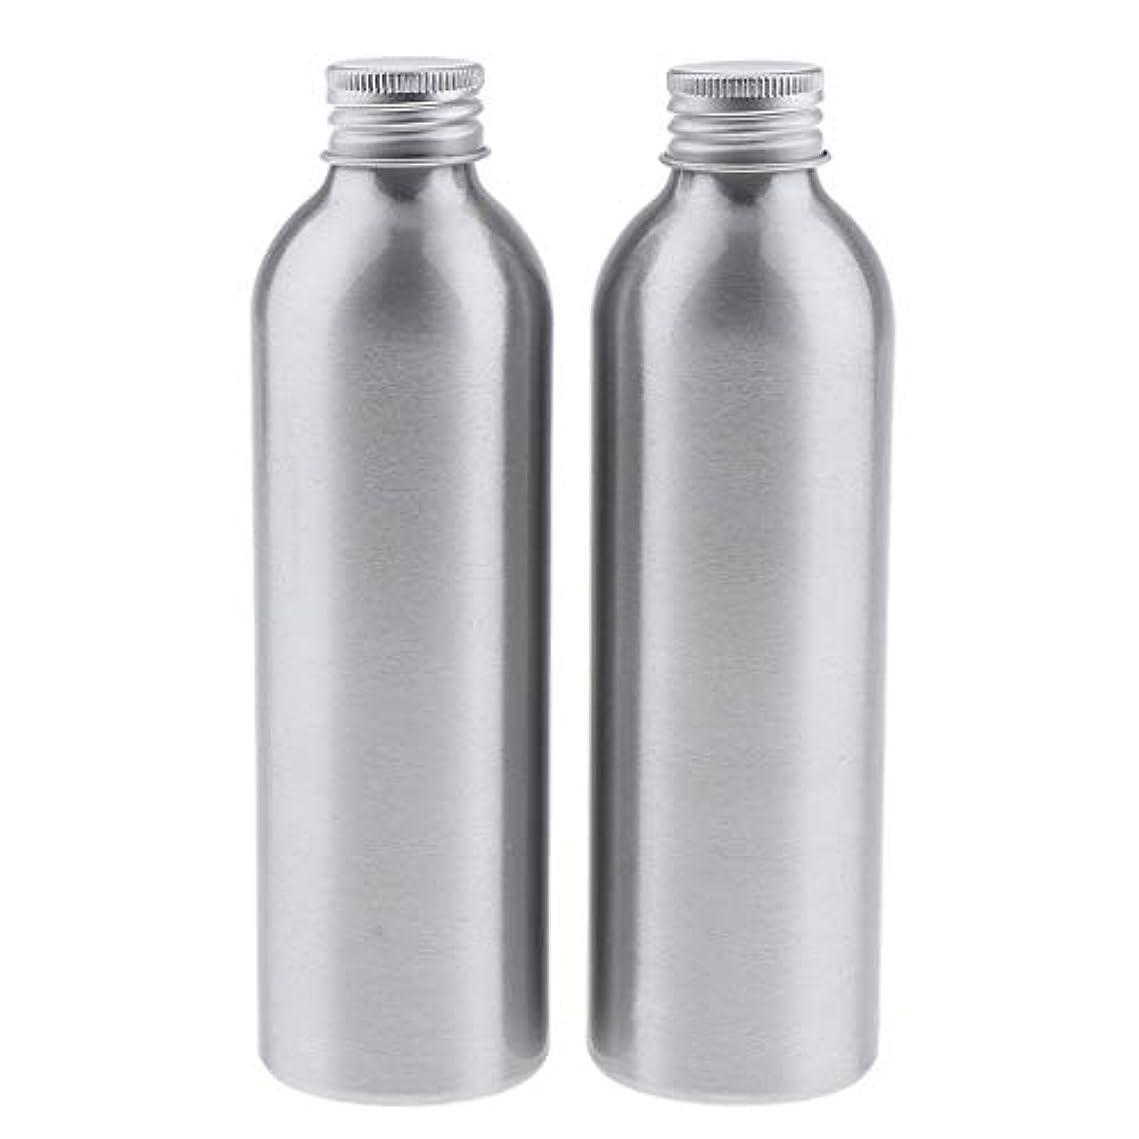 オデュッセウス女優船尾ディスペンサーボトル 空ボトル アルミボトル 化粧品ボトル 詰替え容器 広い口 防錆 全5サイズ - 250ml